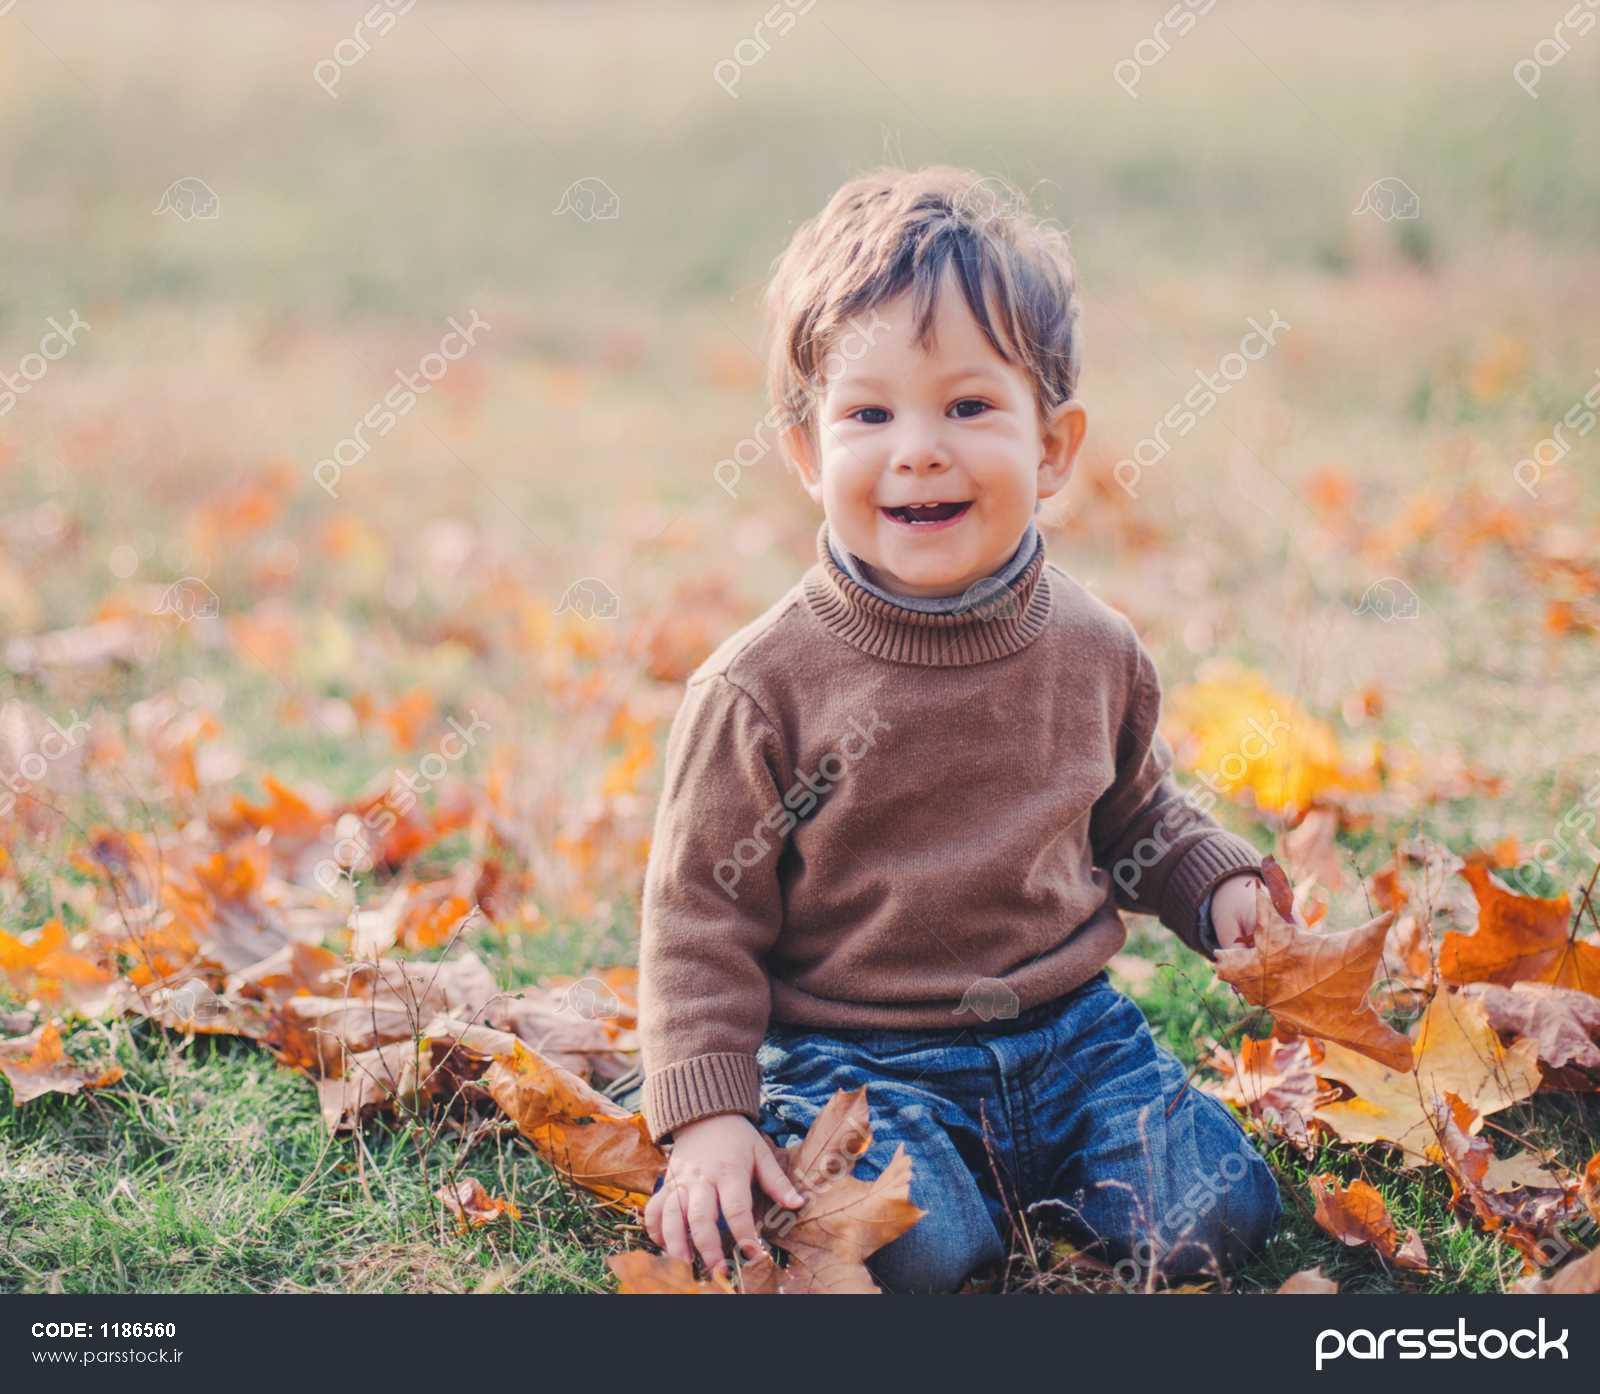 عکس بچه ناز برای پروفایل